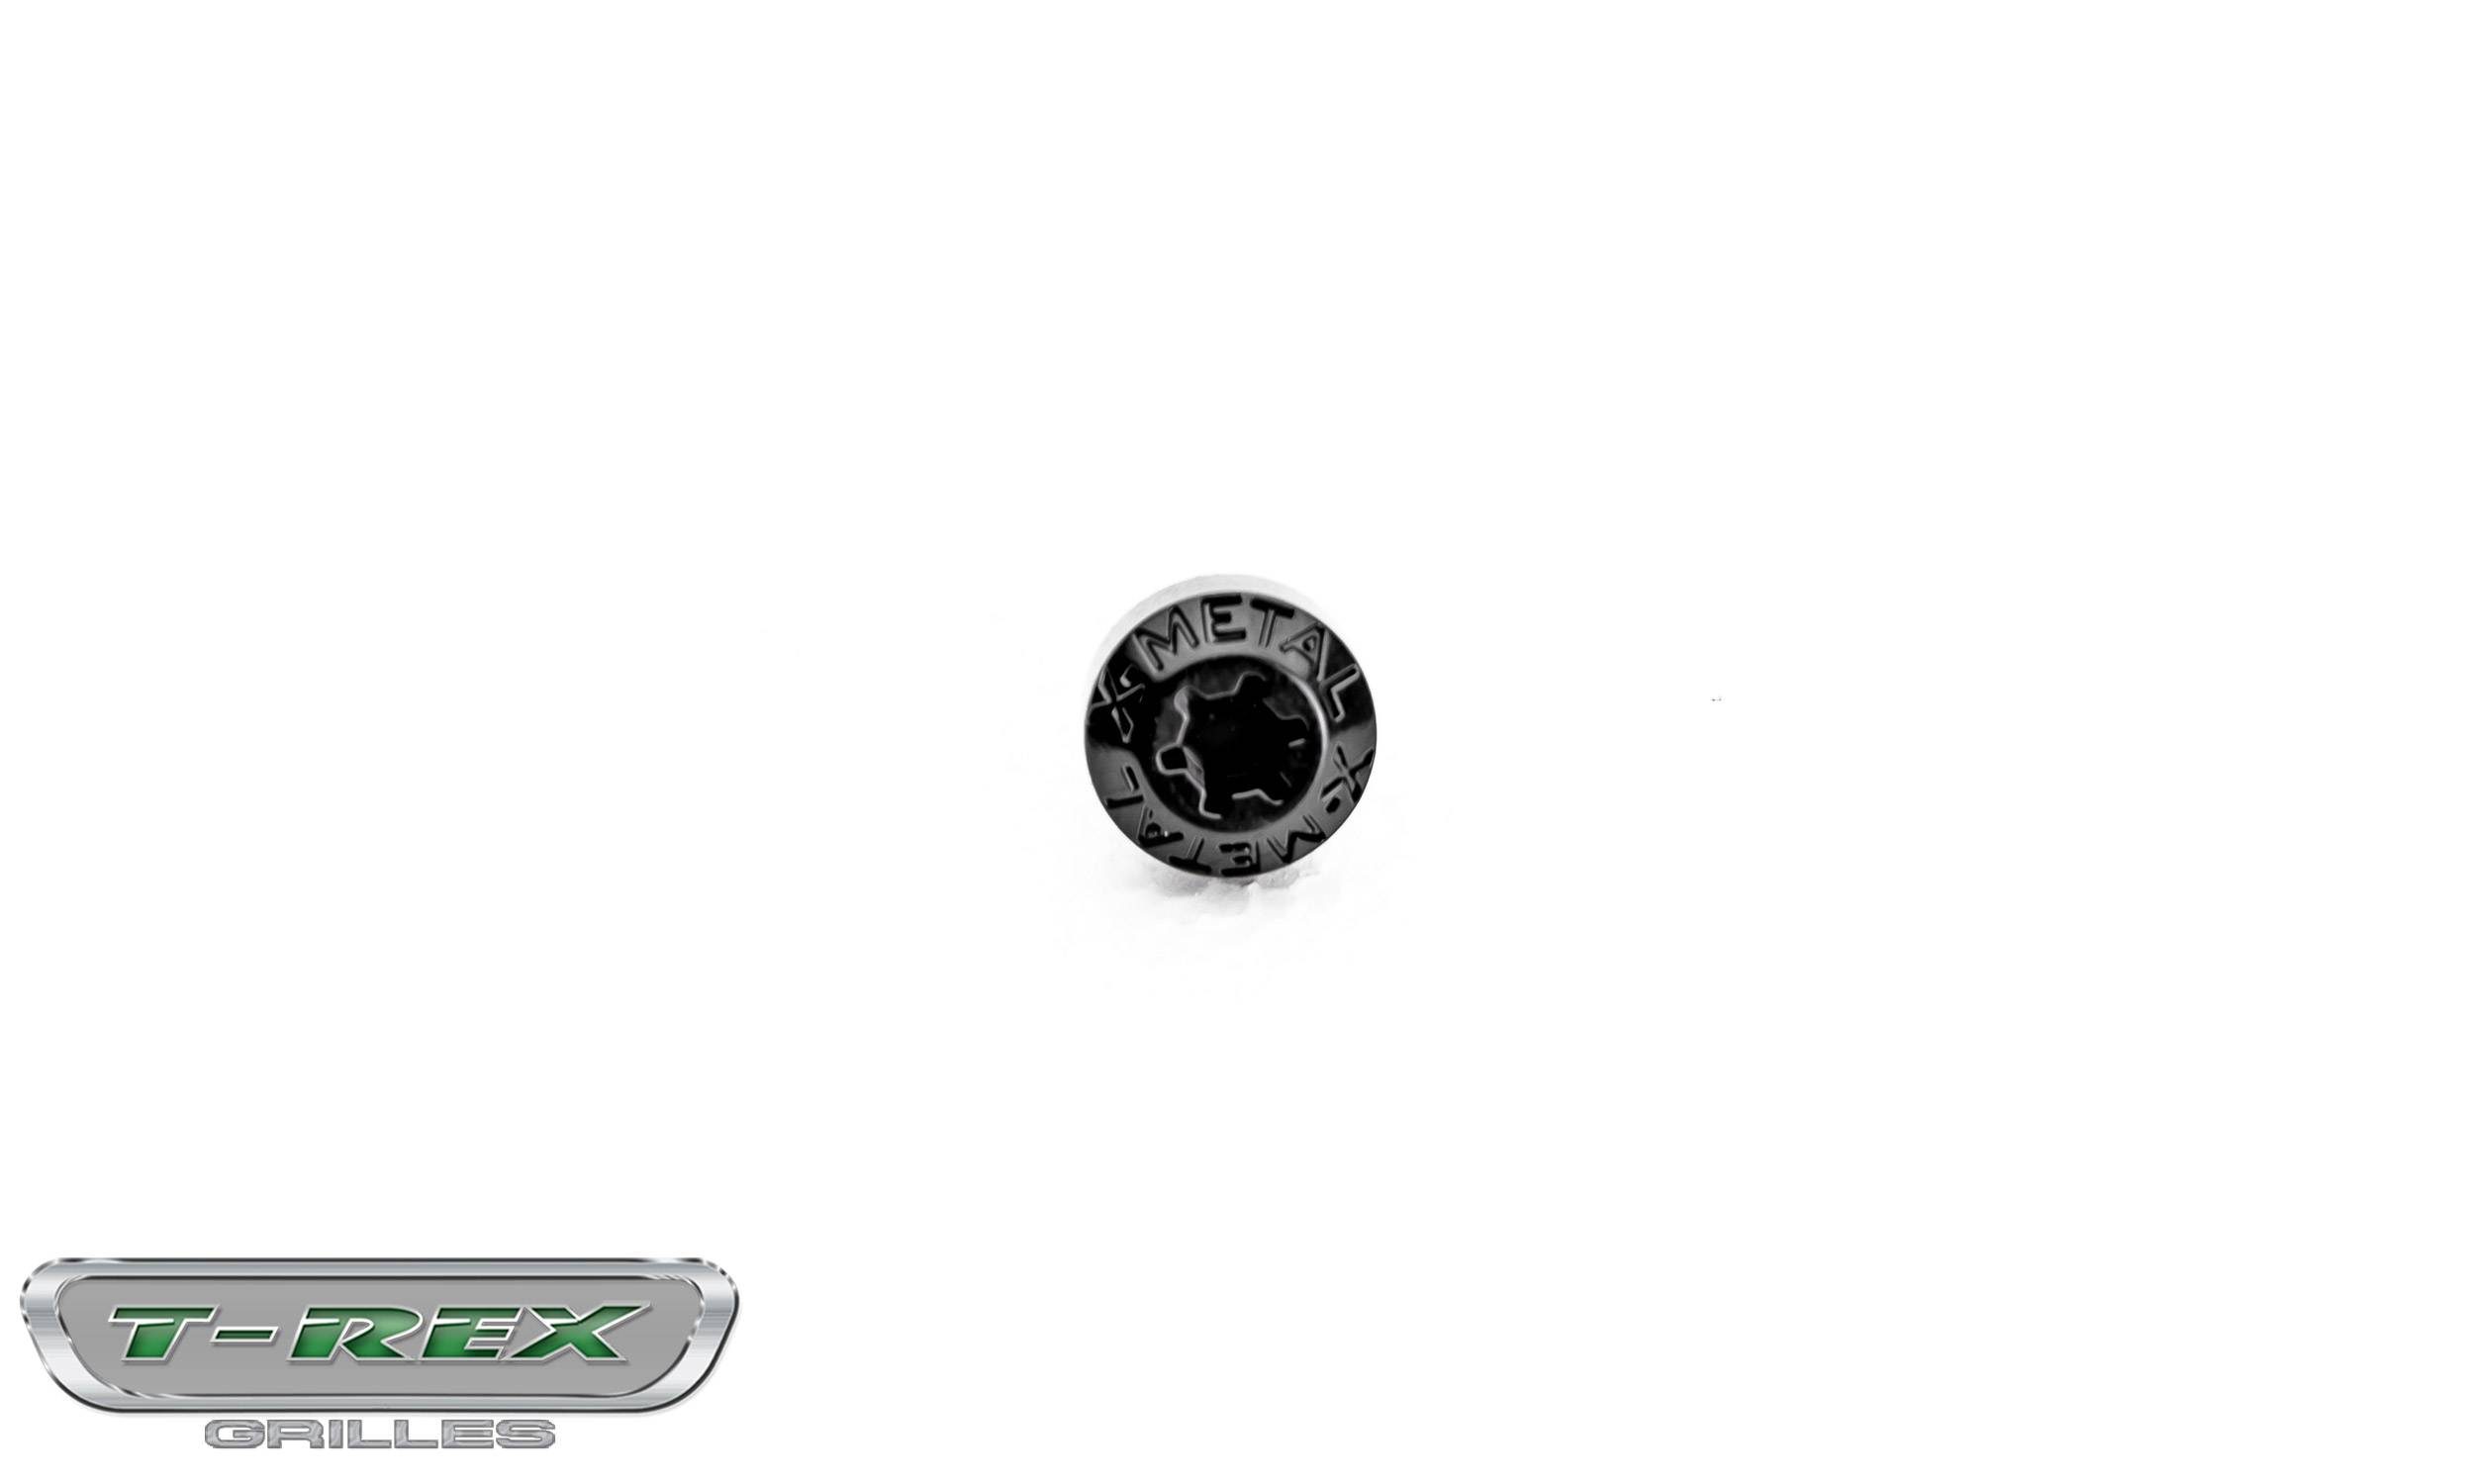 T-REX Grilles - Universal X-Metal Studs, Black, Plastic, 5 Pc - PN #6710000-3B